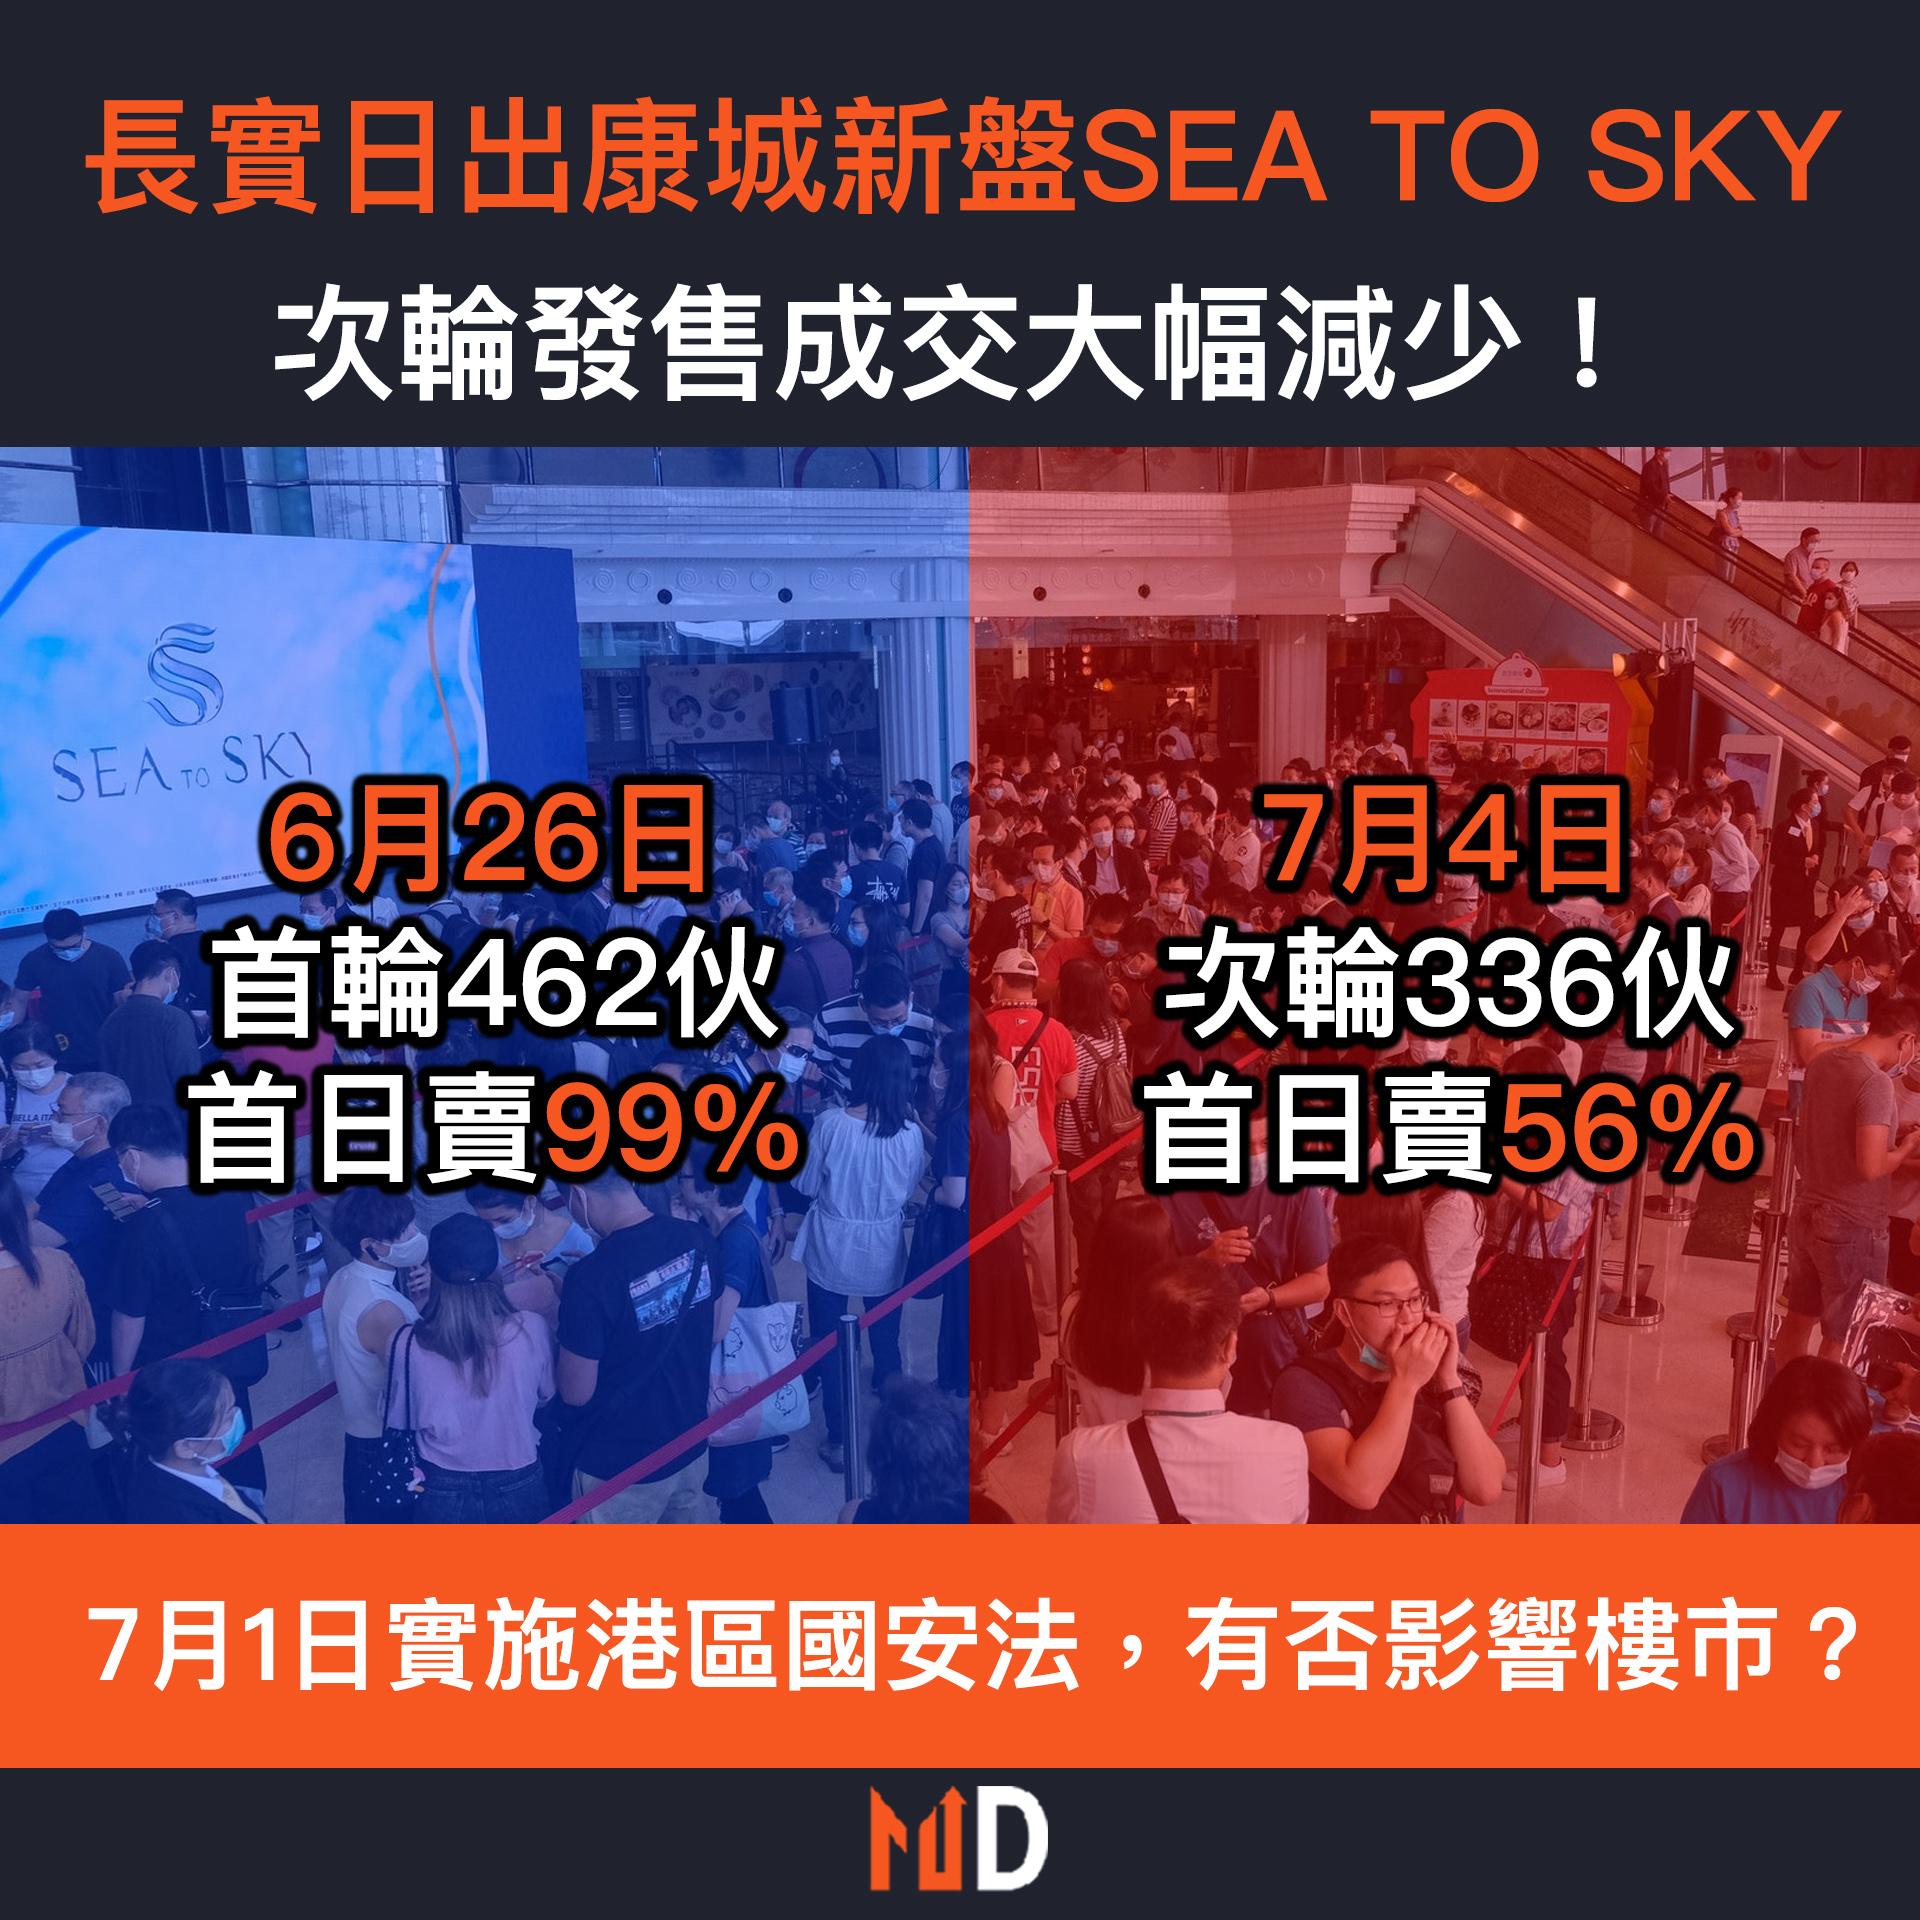 【樓市探索】長實日出康城新盤SEA TO SKY,次輪發售成交大幅減少!